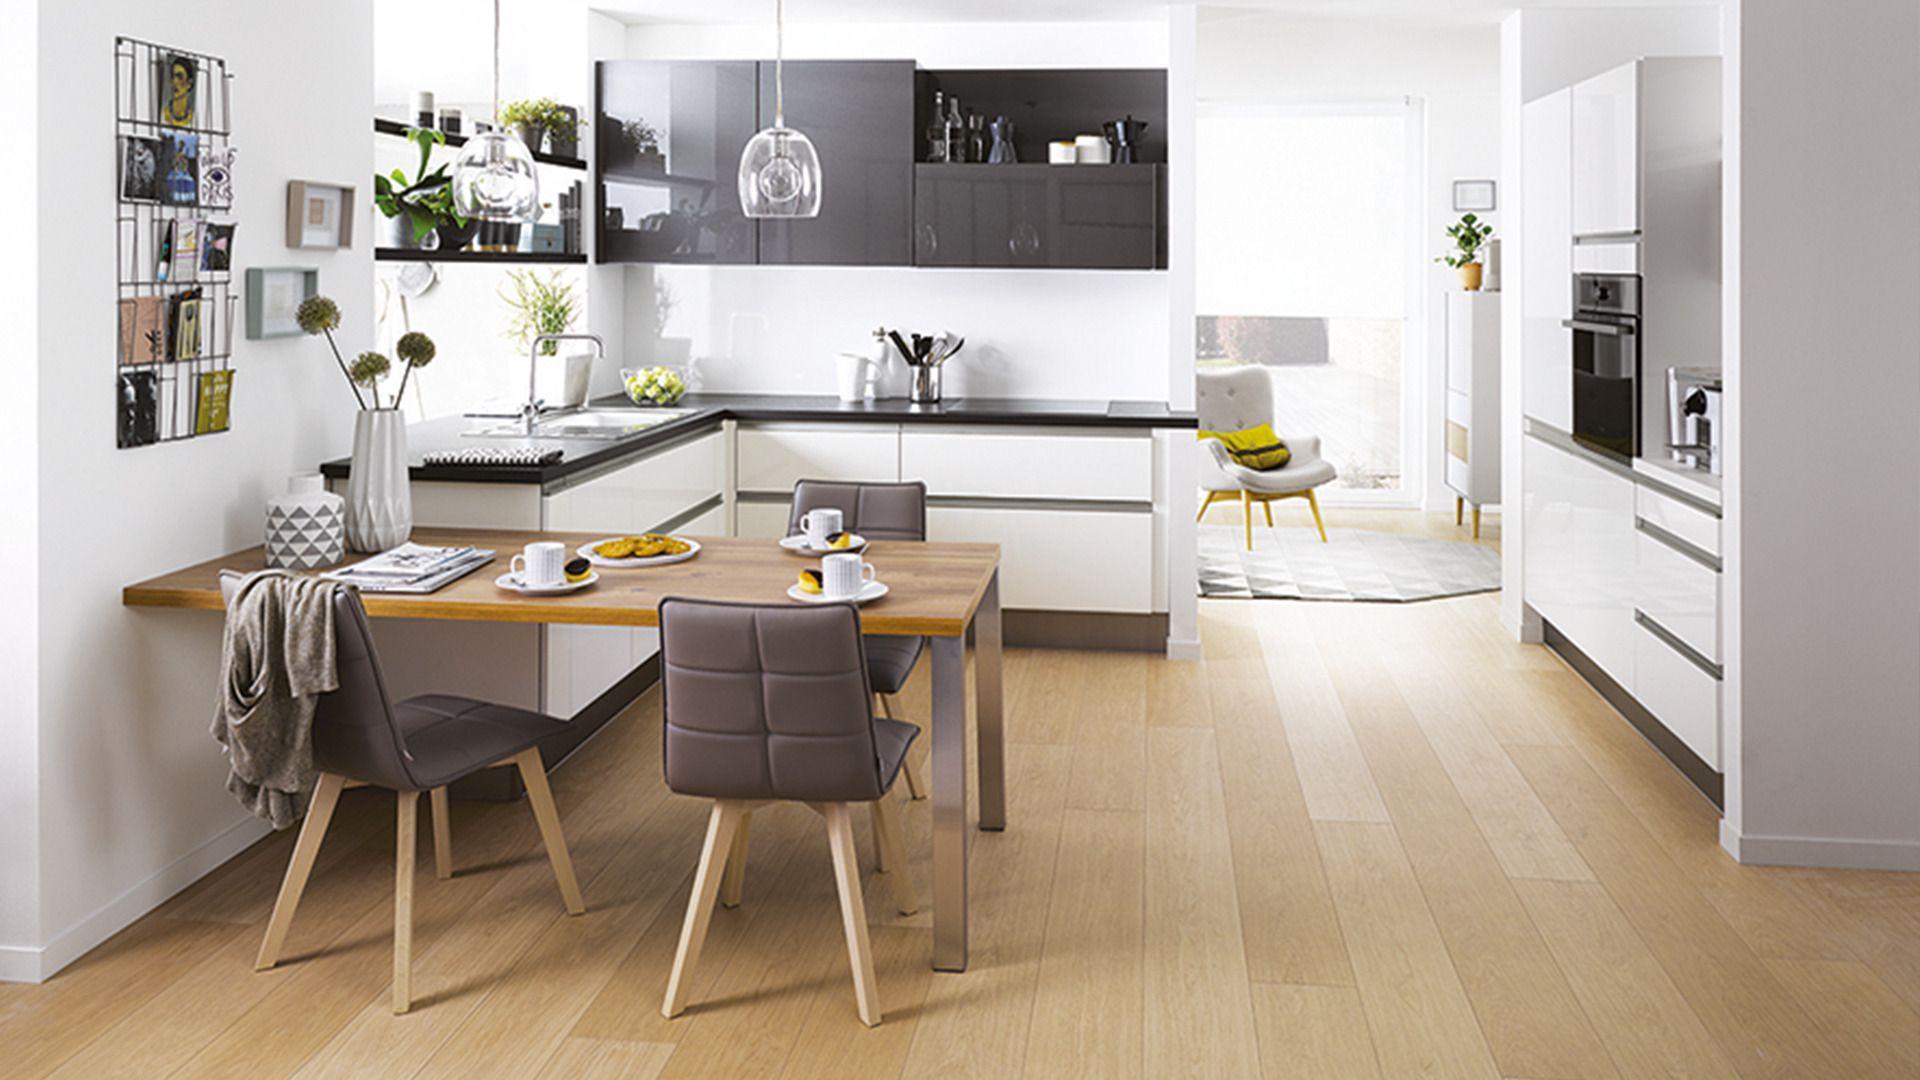 Cuisine quip e lenna style archi graphic meuble cuisine cuisine cuisinella et cuisine - Petite cuisine integree ...